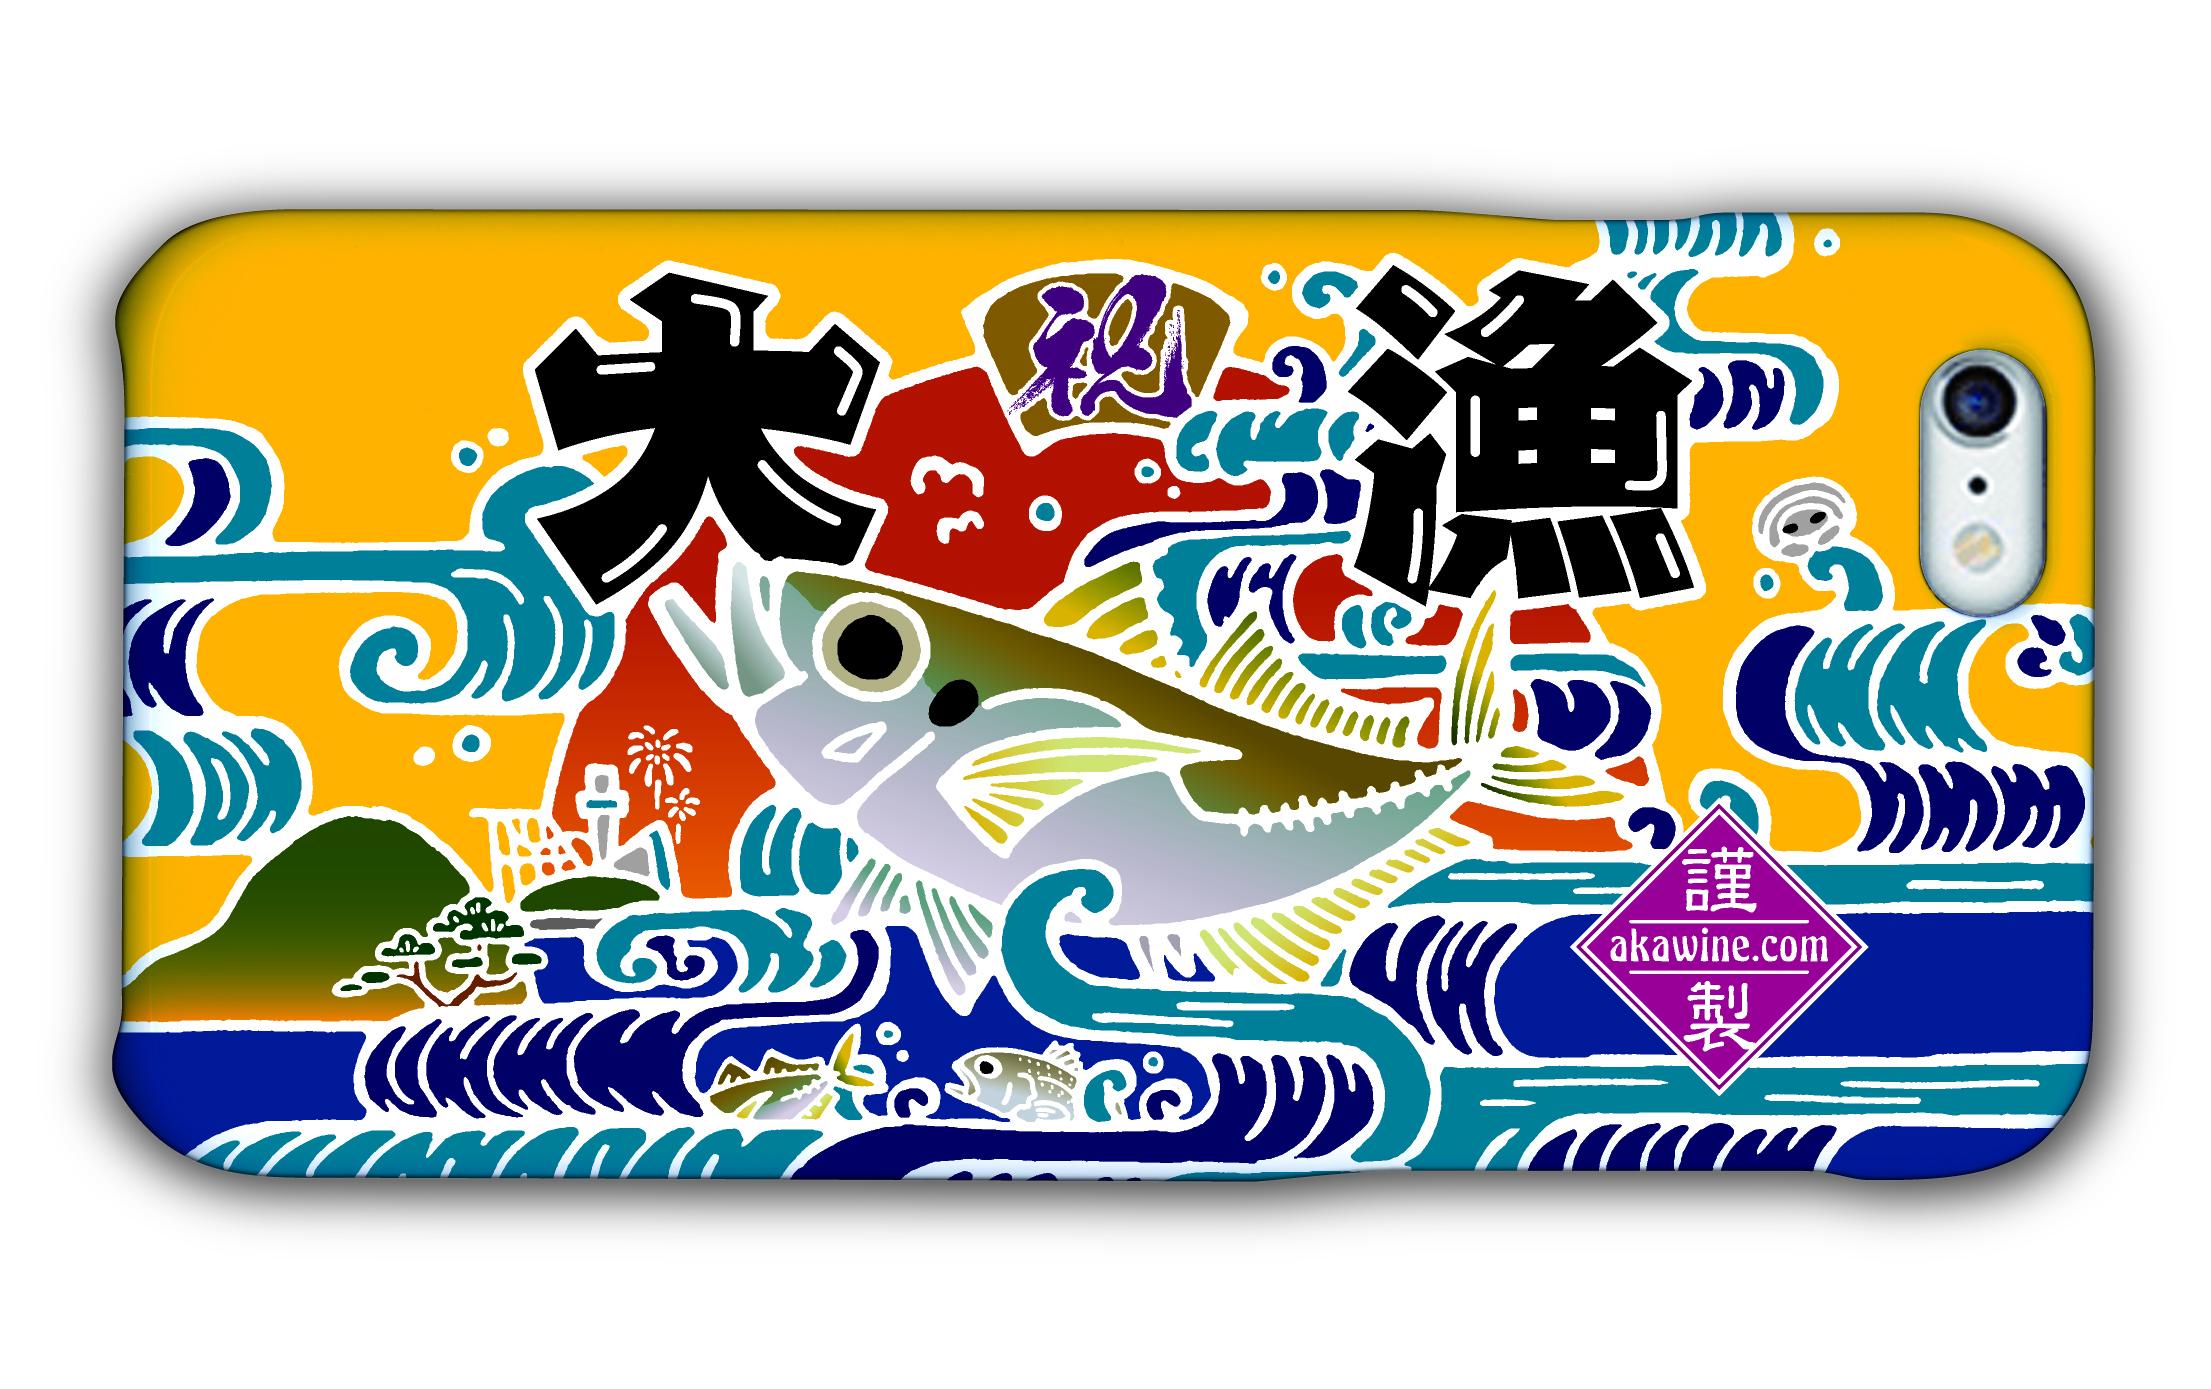 大漁旗スマホケース(マアジ)